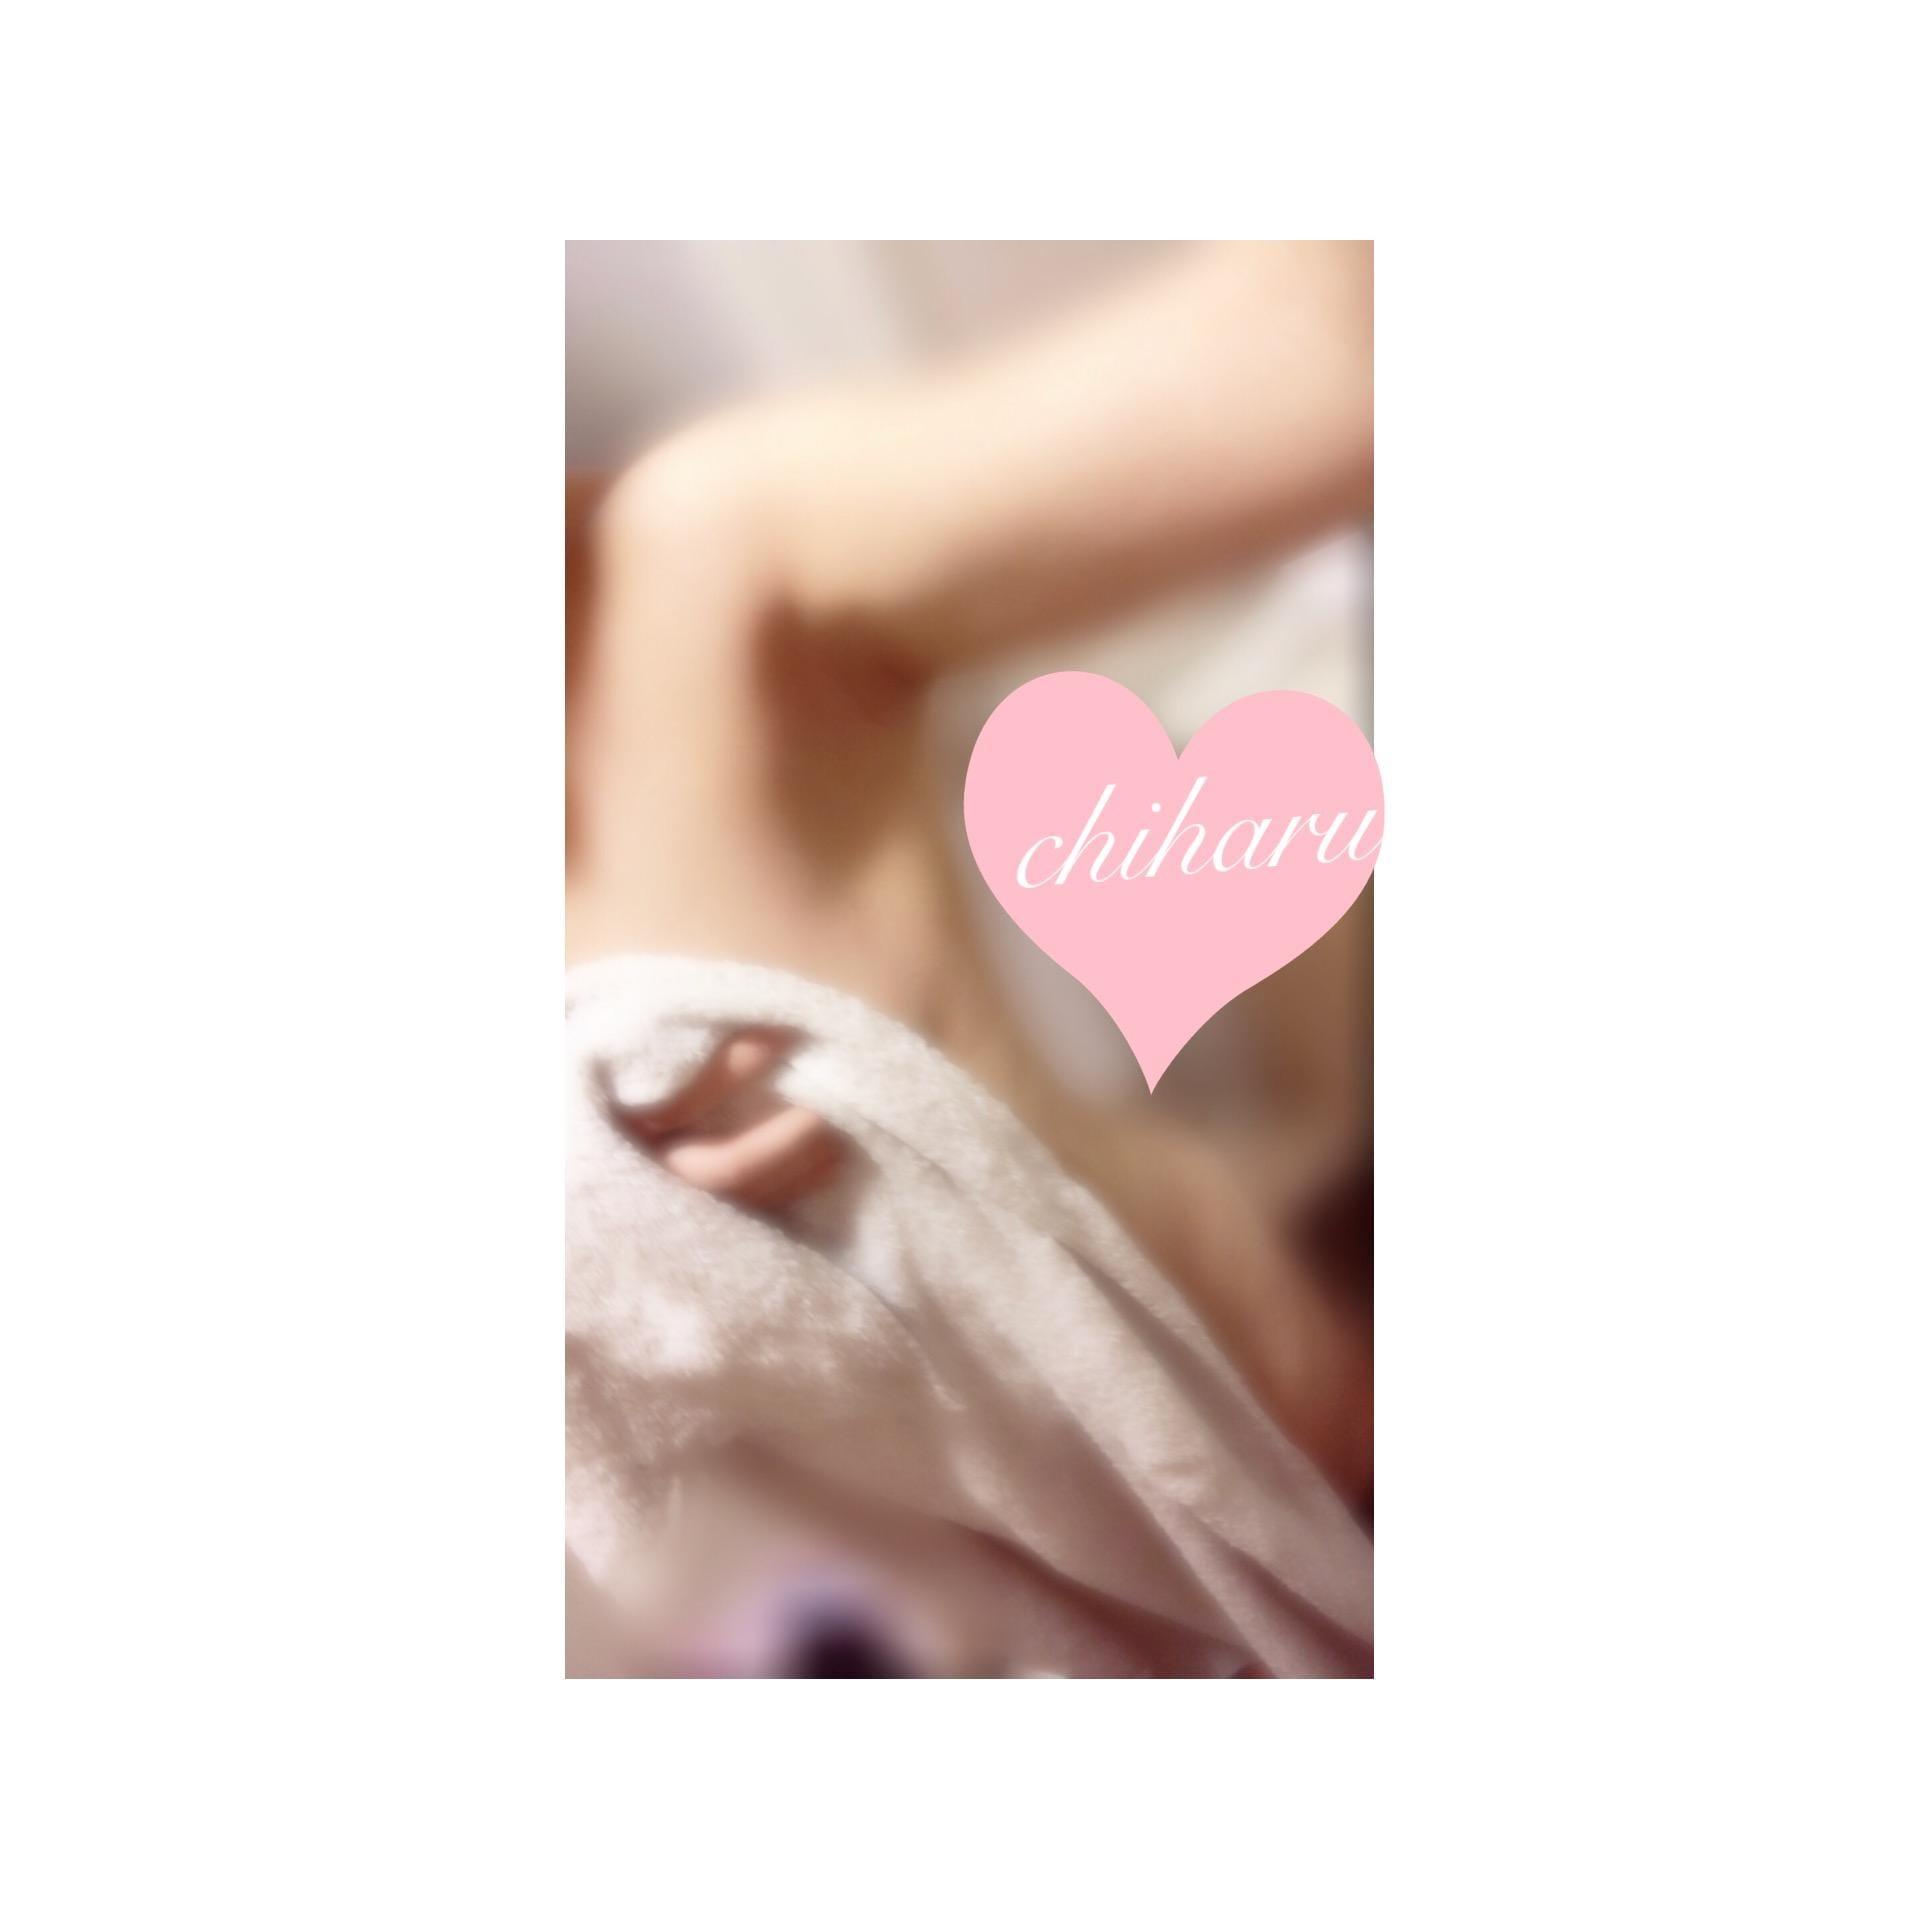 「おはよう!」08/21(08/21) 10:10 | ちはるの写メ・風俗動画